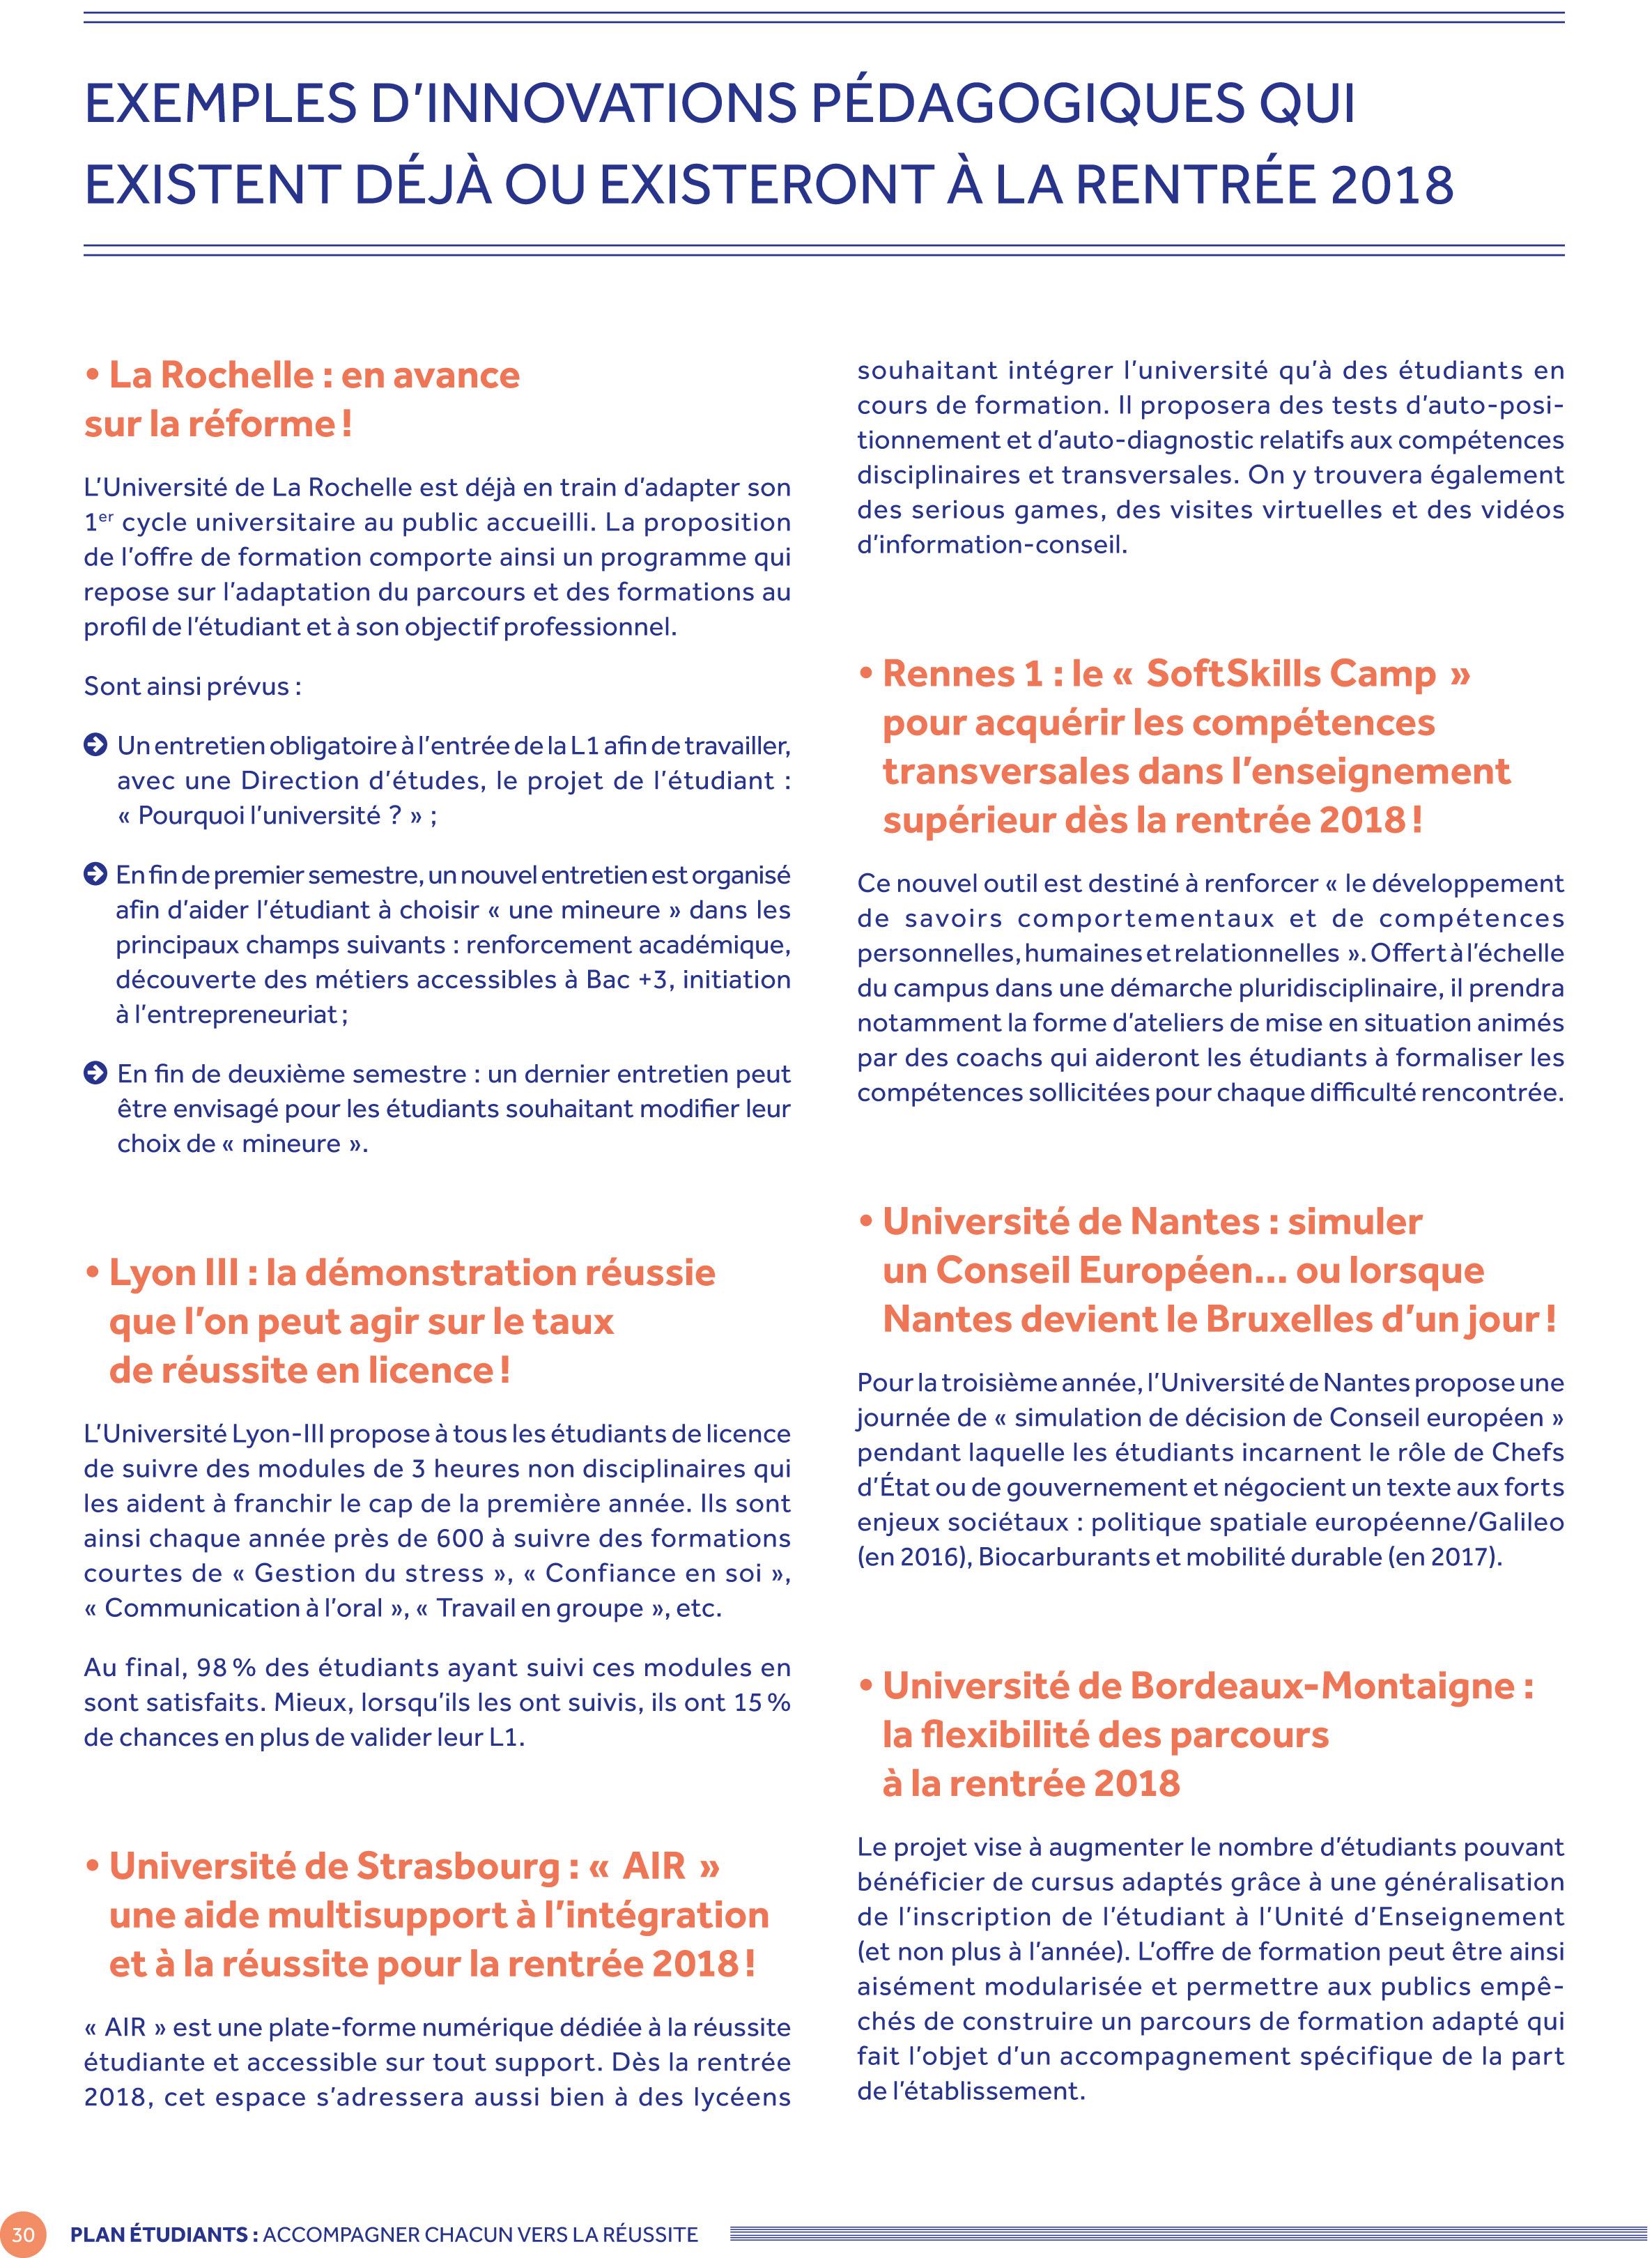 Plan Etudiants Accompagner Chacun Vers La Reussite Ministere De